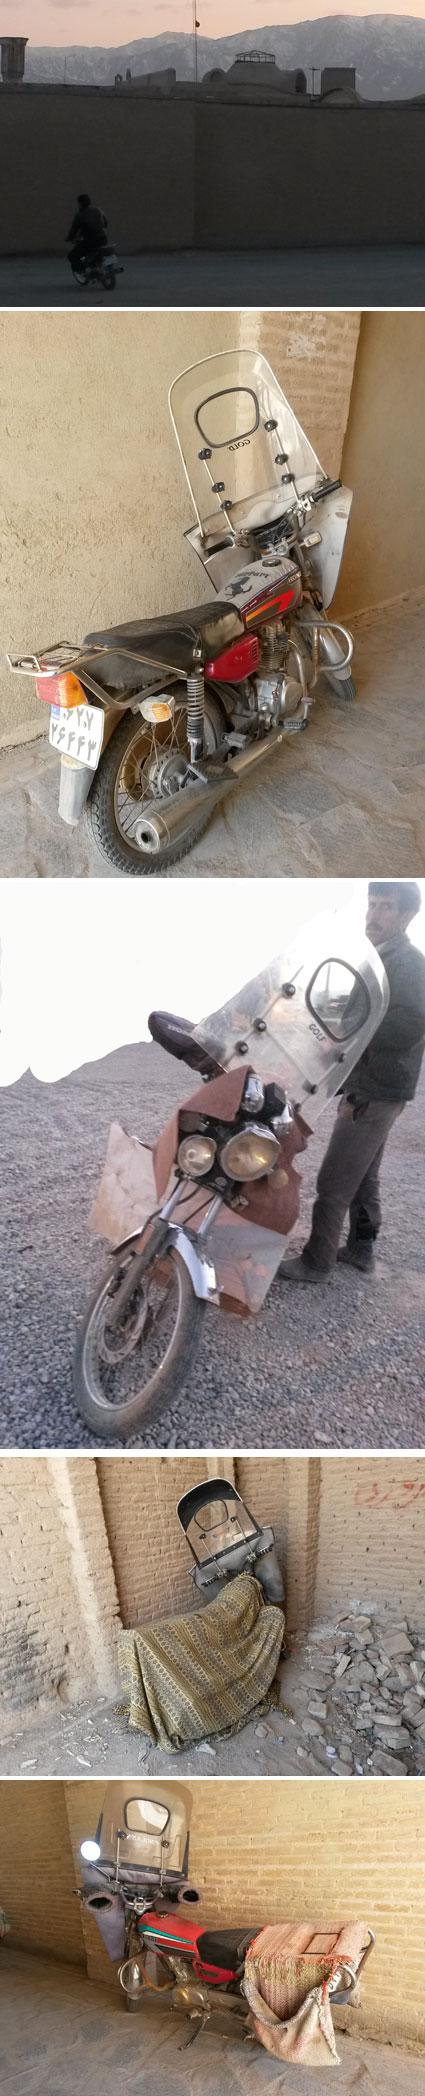 iran_motorbikes_2